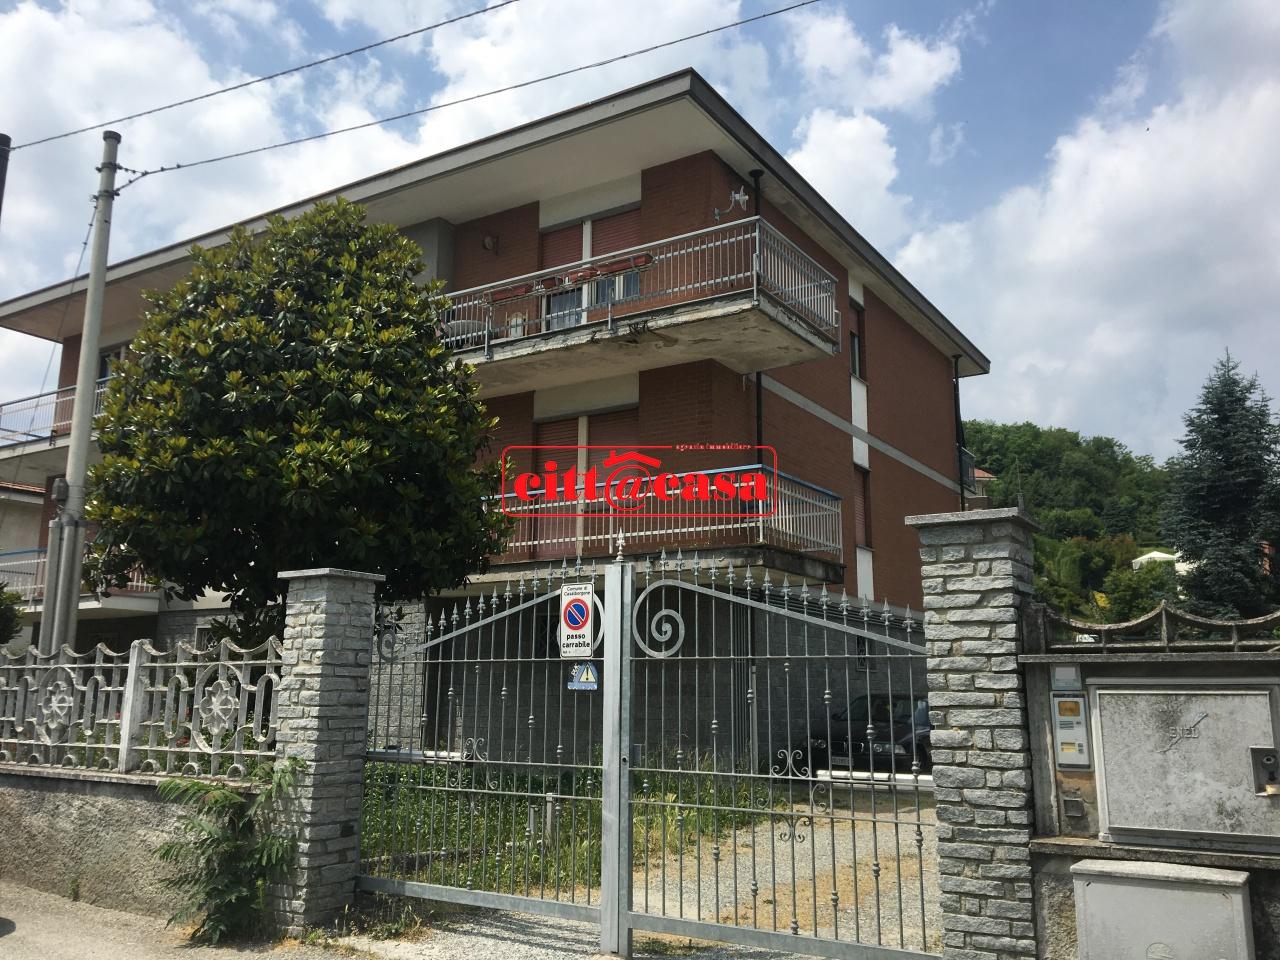 Appartamento in vendita a Casalborgone, 4 locali, prezzo € 135.000 | CambioCasa.it